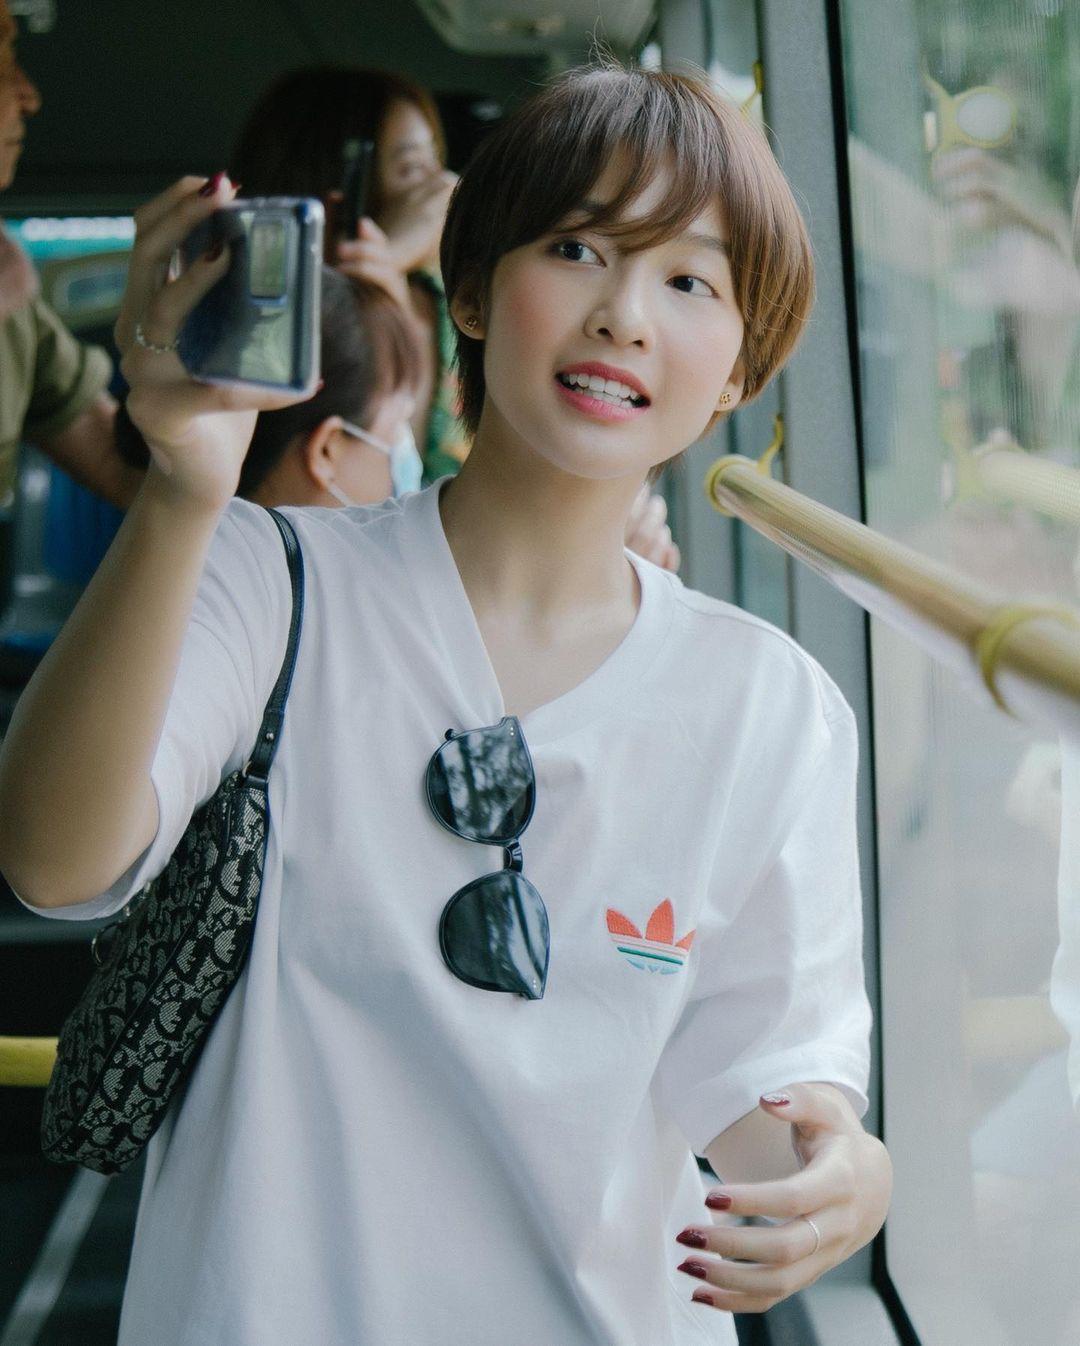 5 mỹ nhân Việt để tóc ngắn xuất sắc nhất: Ngắm là muốn cắt phăng mái tóc dài, nàng 30+ tìm được nhiều kiểu siêu hợp - Ảnh 13